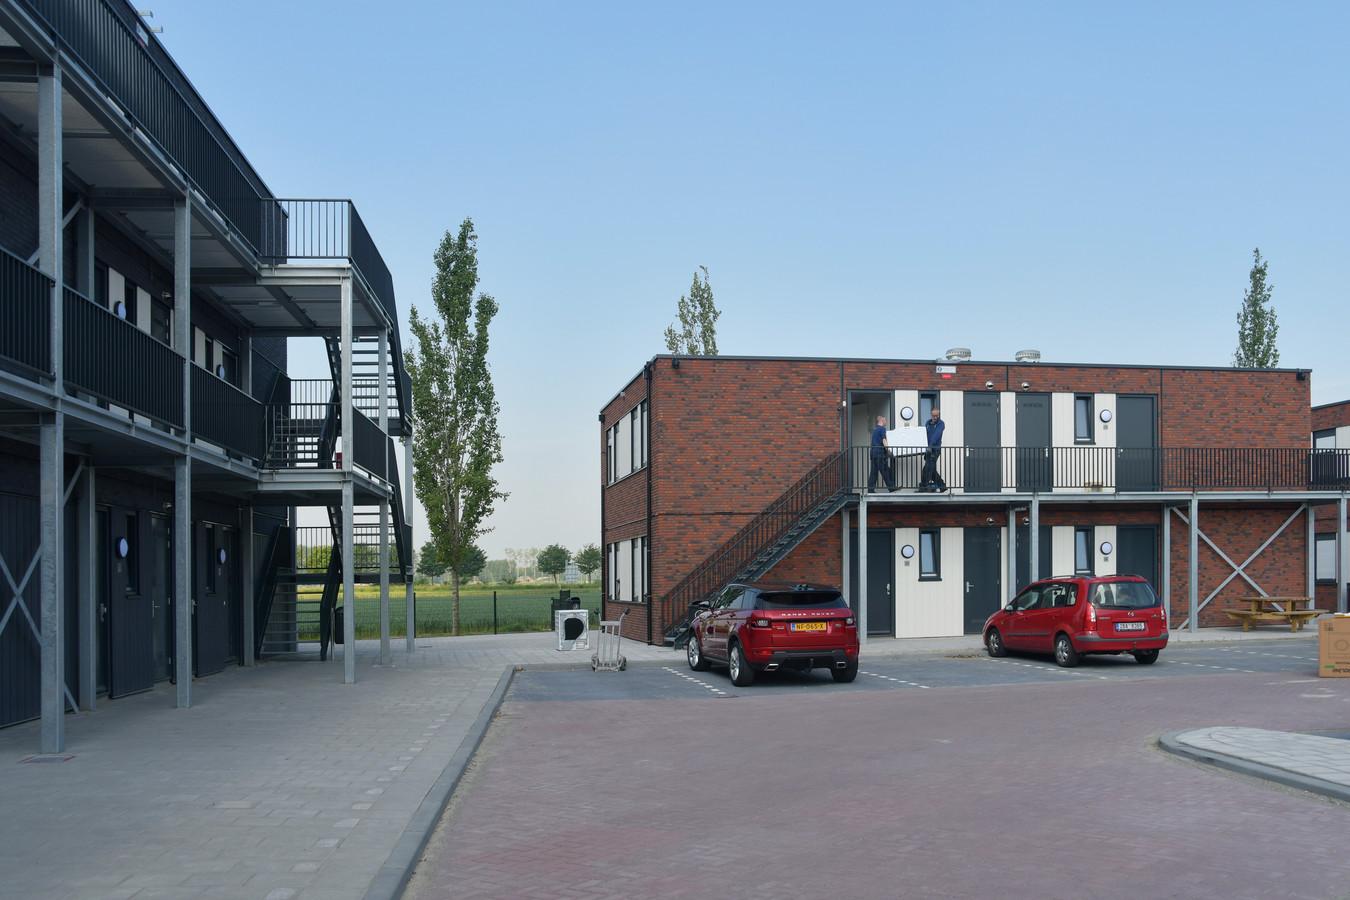 Een wooncomplex voor arbeidsmigranten, zoals hier in Sluiskil. Fatsoenlijke huisvesting, dat is ook wat wethouder Ger de Weert van de gemeente Etten-Leur van belang vindt. In de wijk, bij de boer of misschien straks ook in de buurt van logistieke bedrijven.